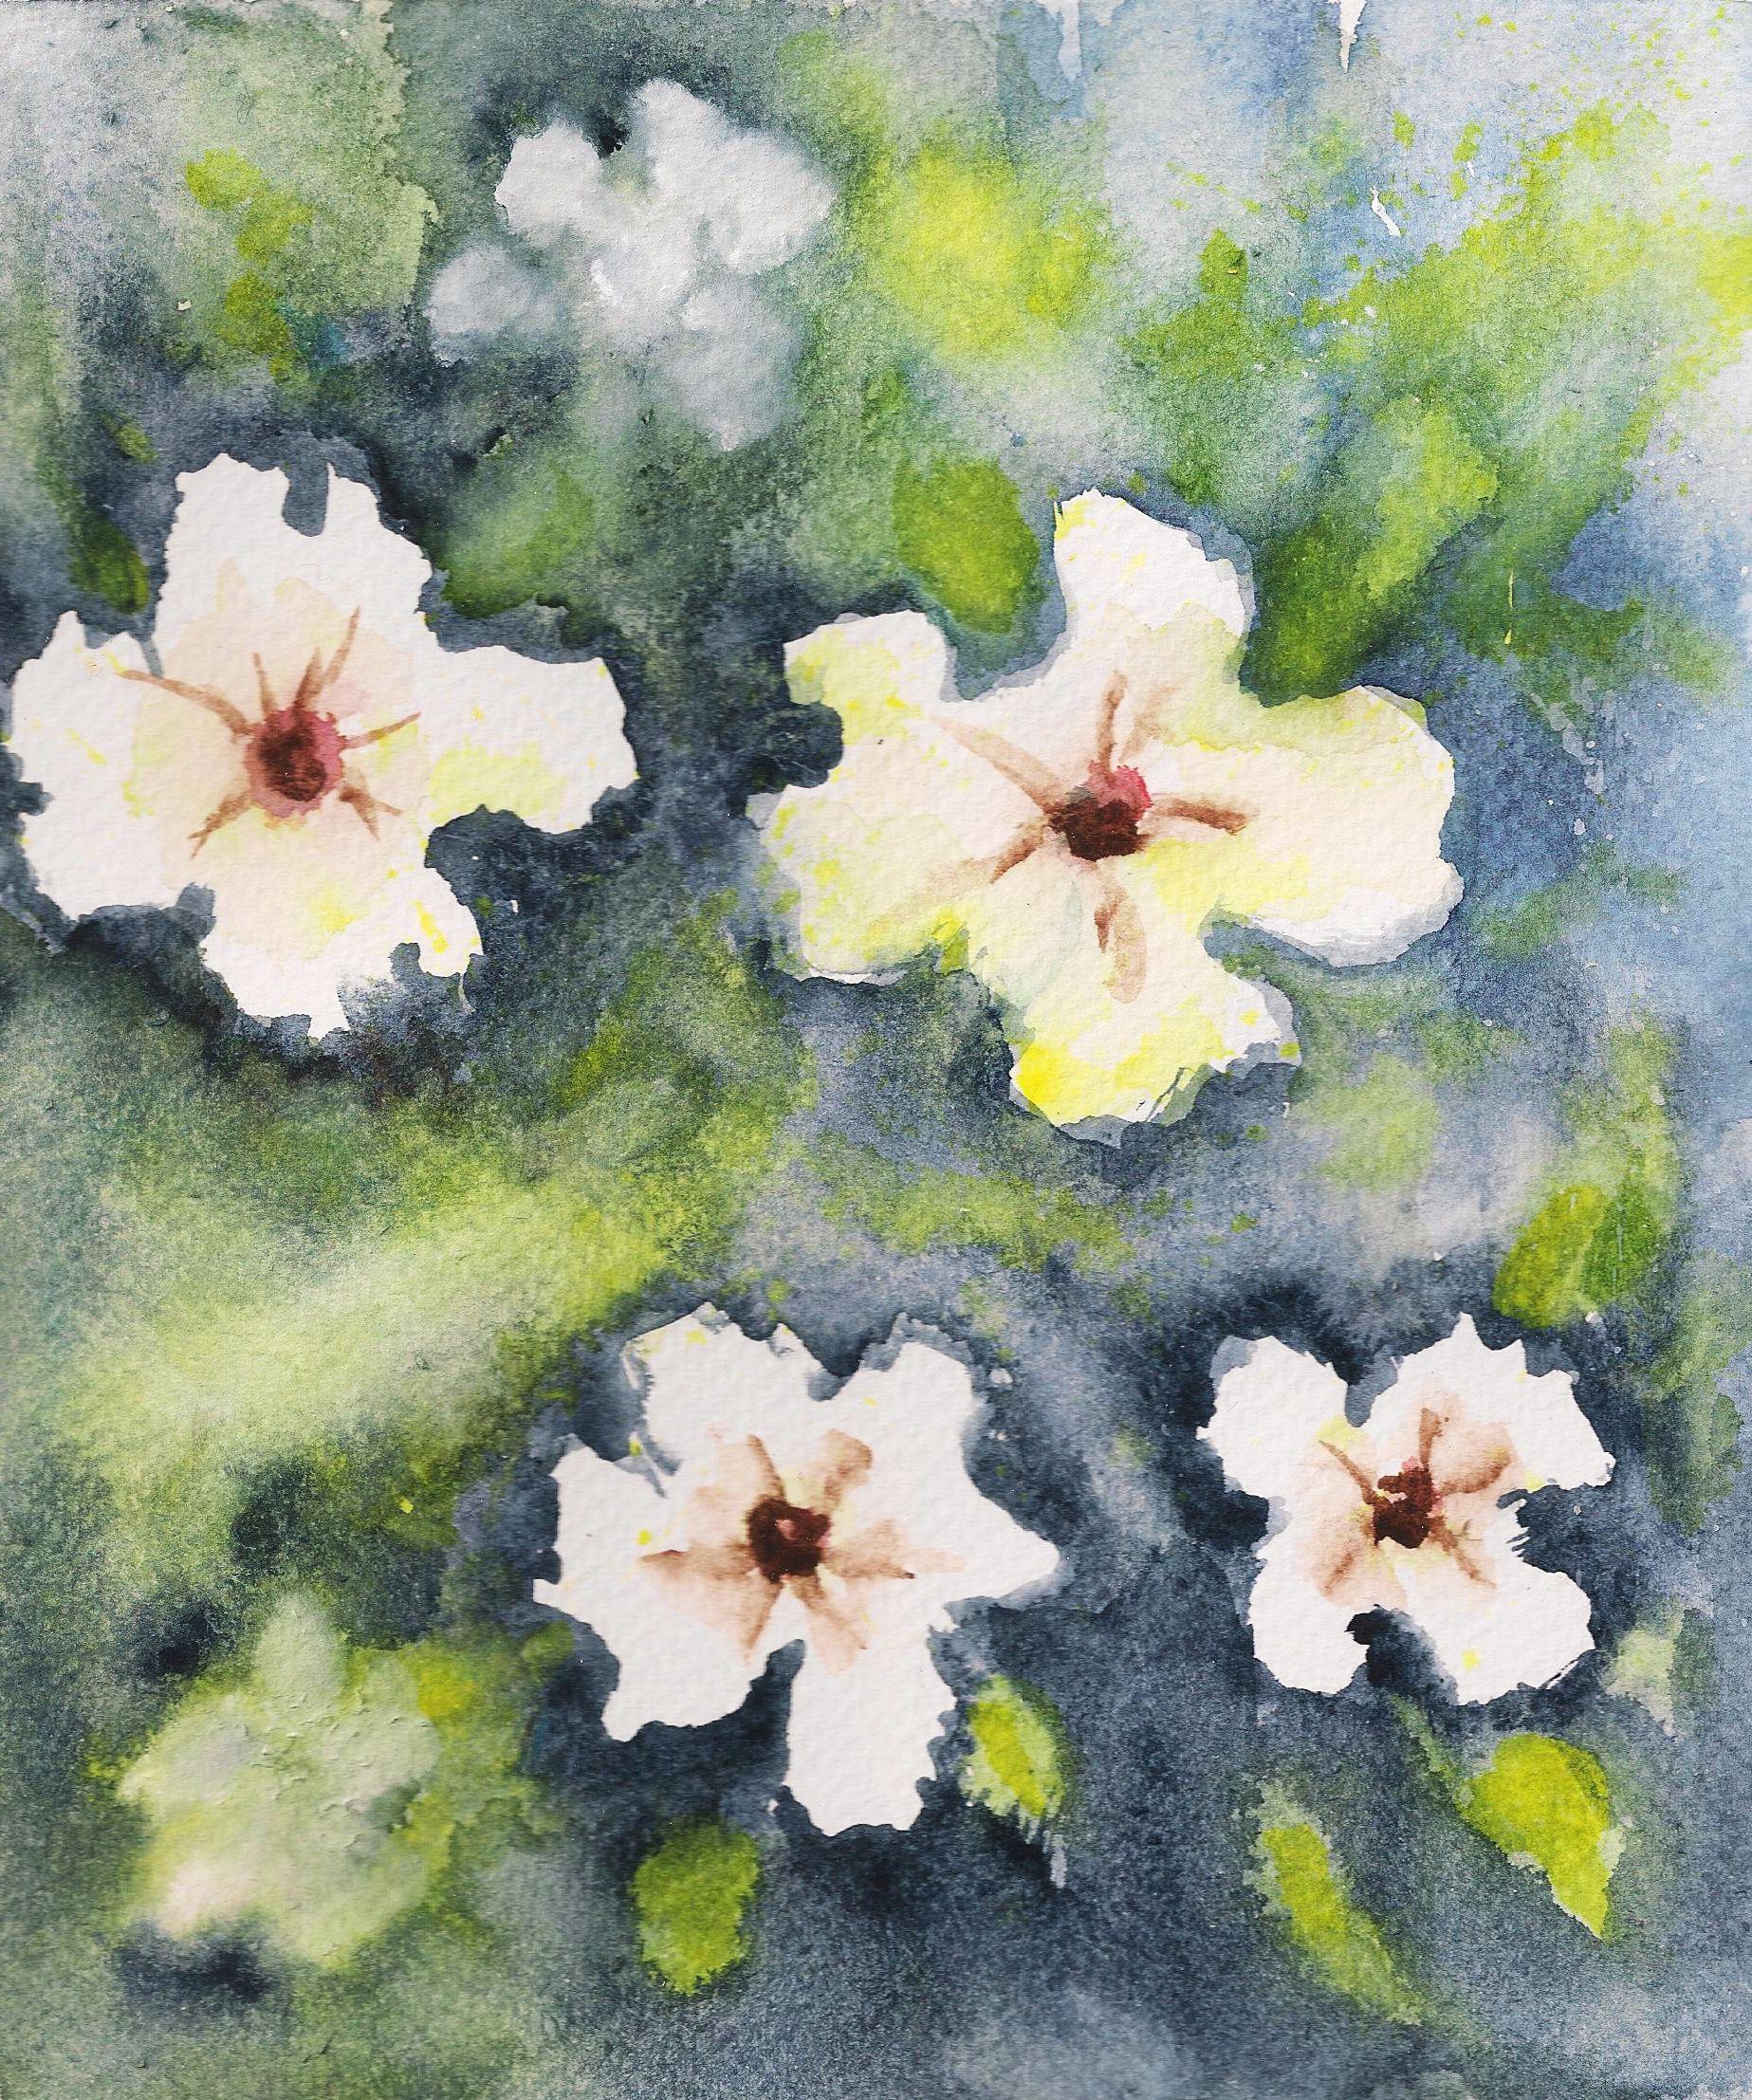 Fiori Bianchi 3.Fiori Bianchi Watercolor By Mcdea 3 Art My Watercolor Nel 2019